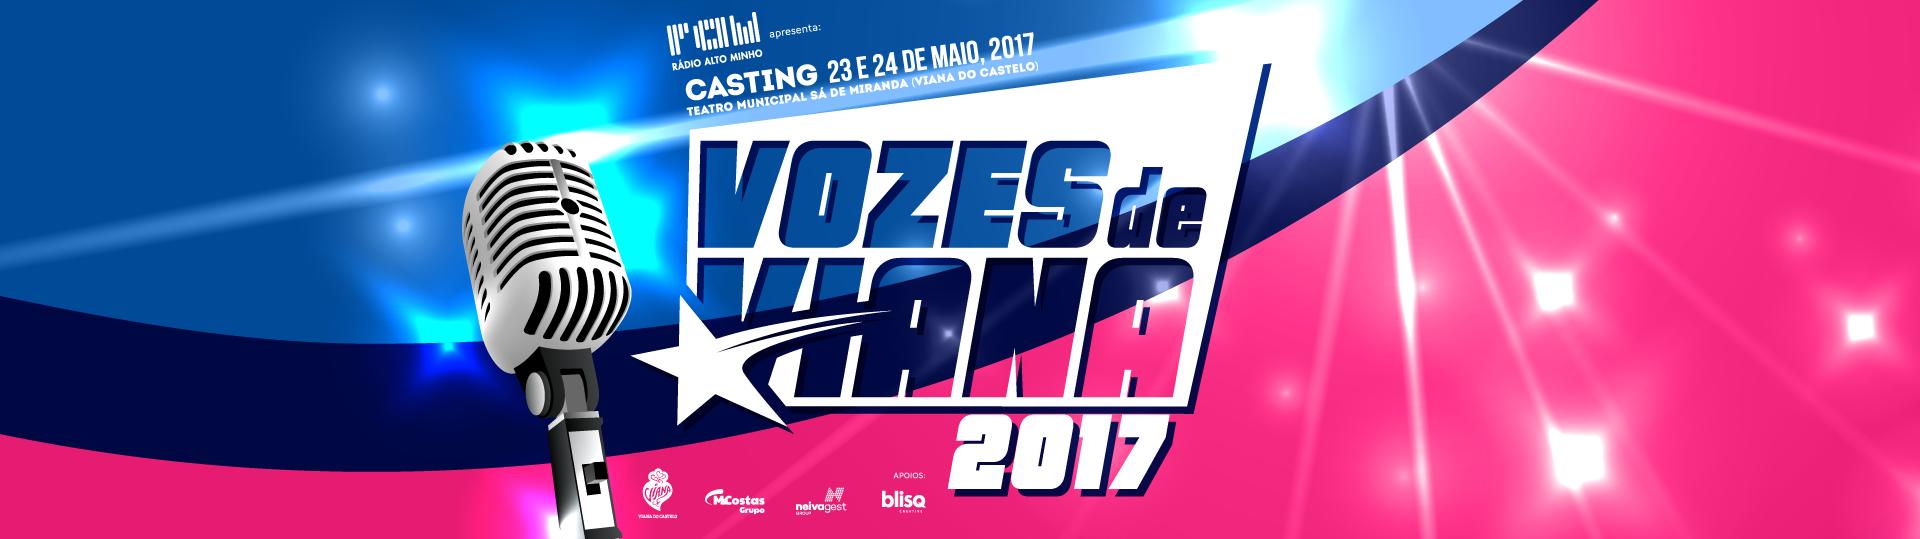 slider-site-vozes-viana-02-01